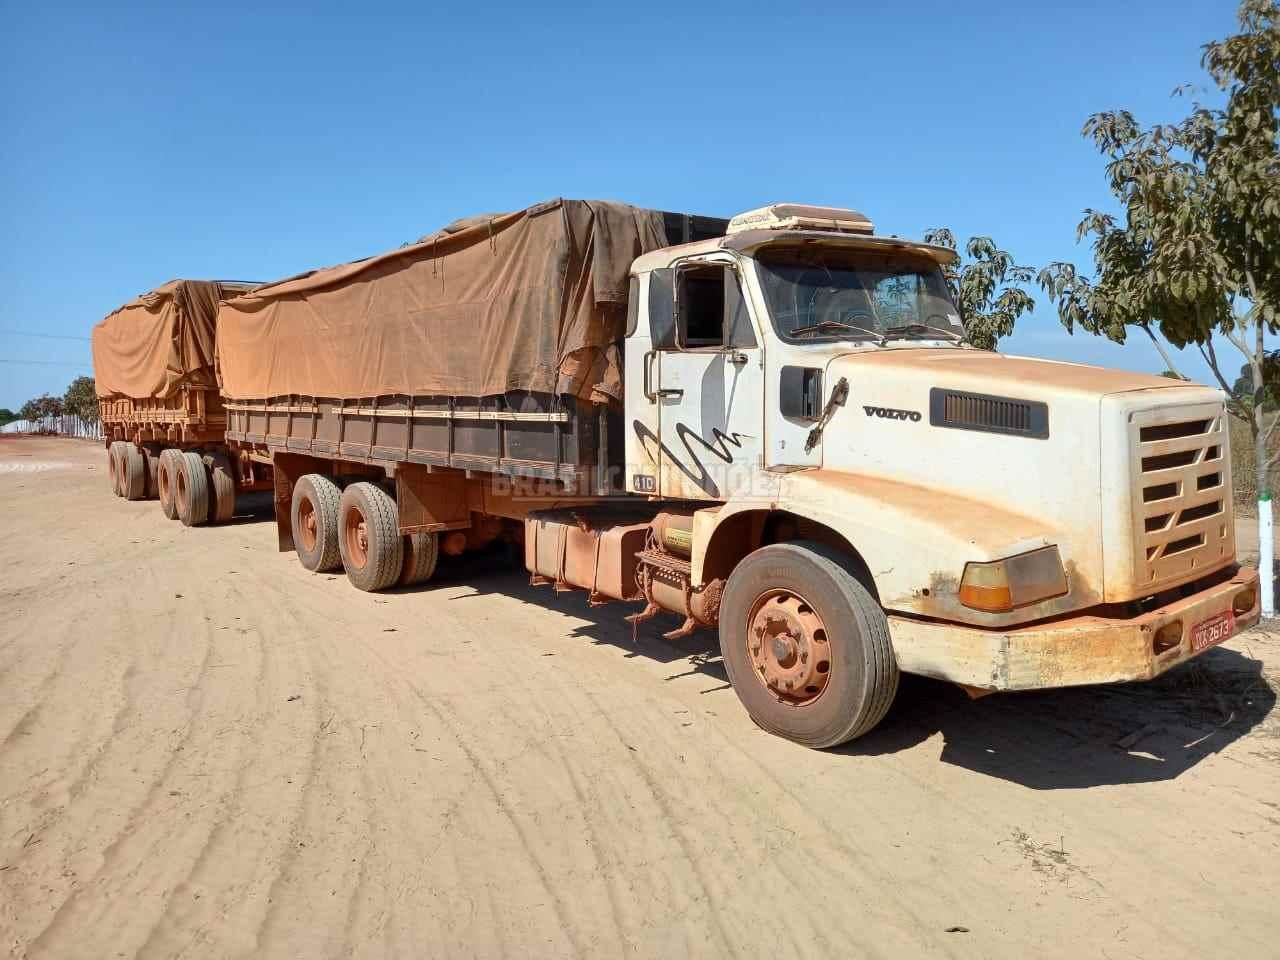 CAMINHAO VOLVO VOLVO NL12 410 Carga Seca Traçado 6x4 Brasil Caminhões Sinop SINOP MATO GROSSO MT